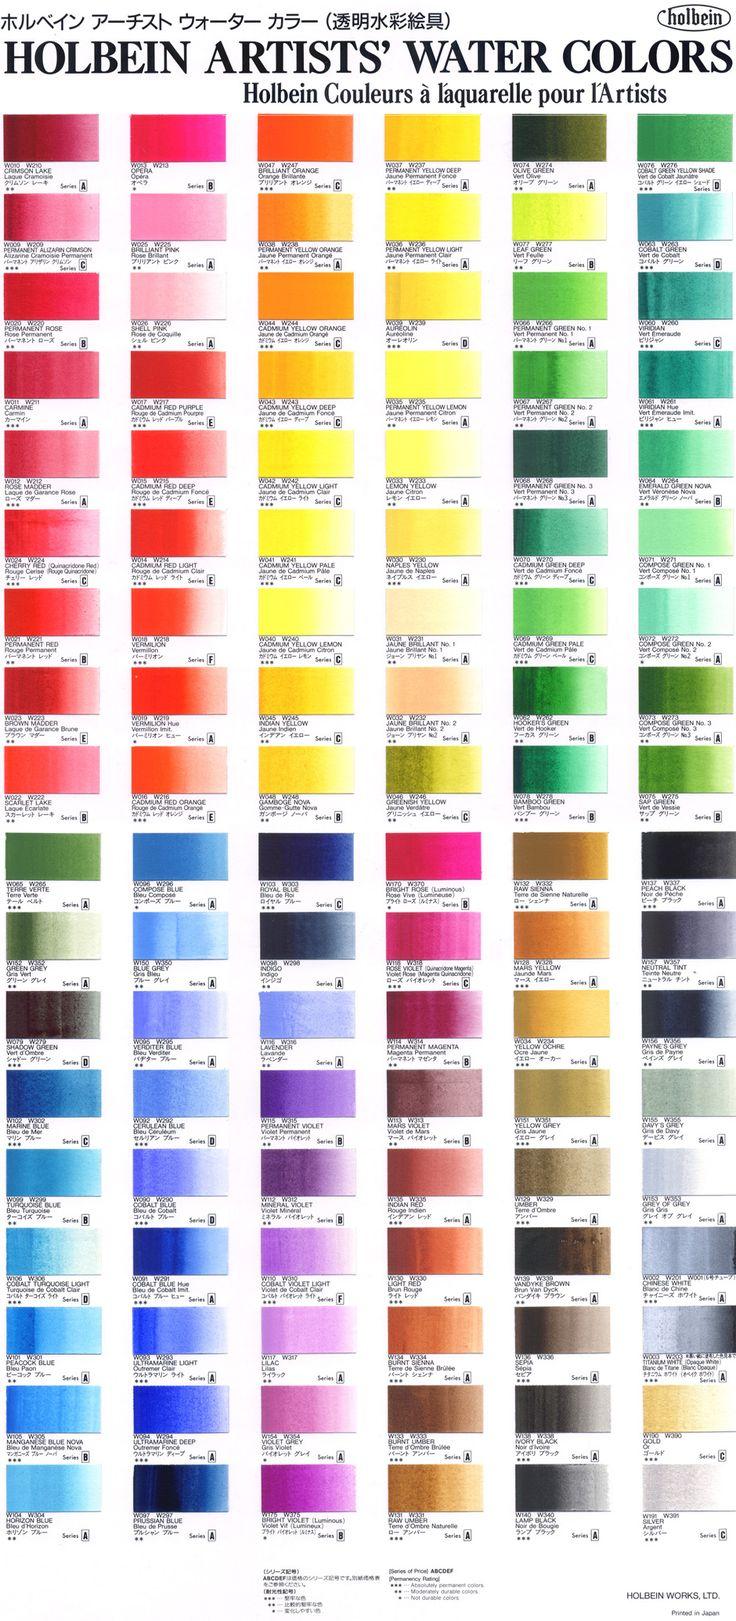 Folk art color chart acrylic paint - Holbein Color Chart